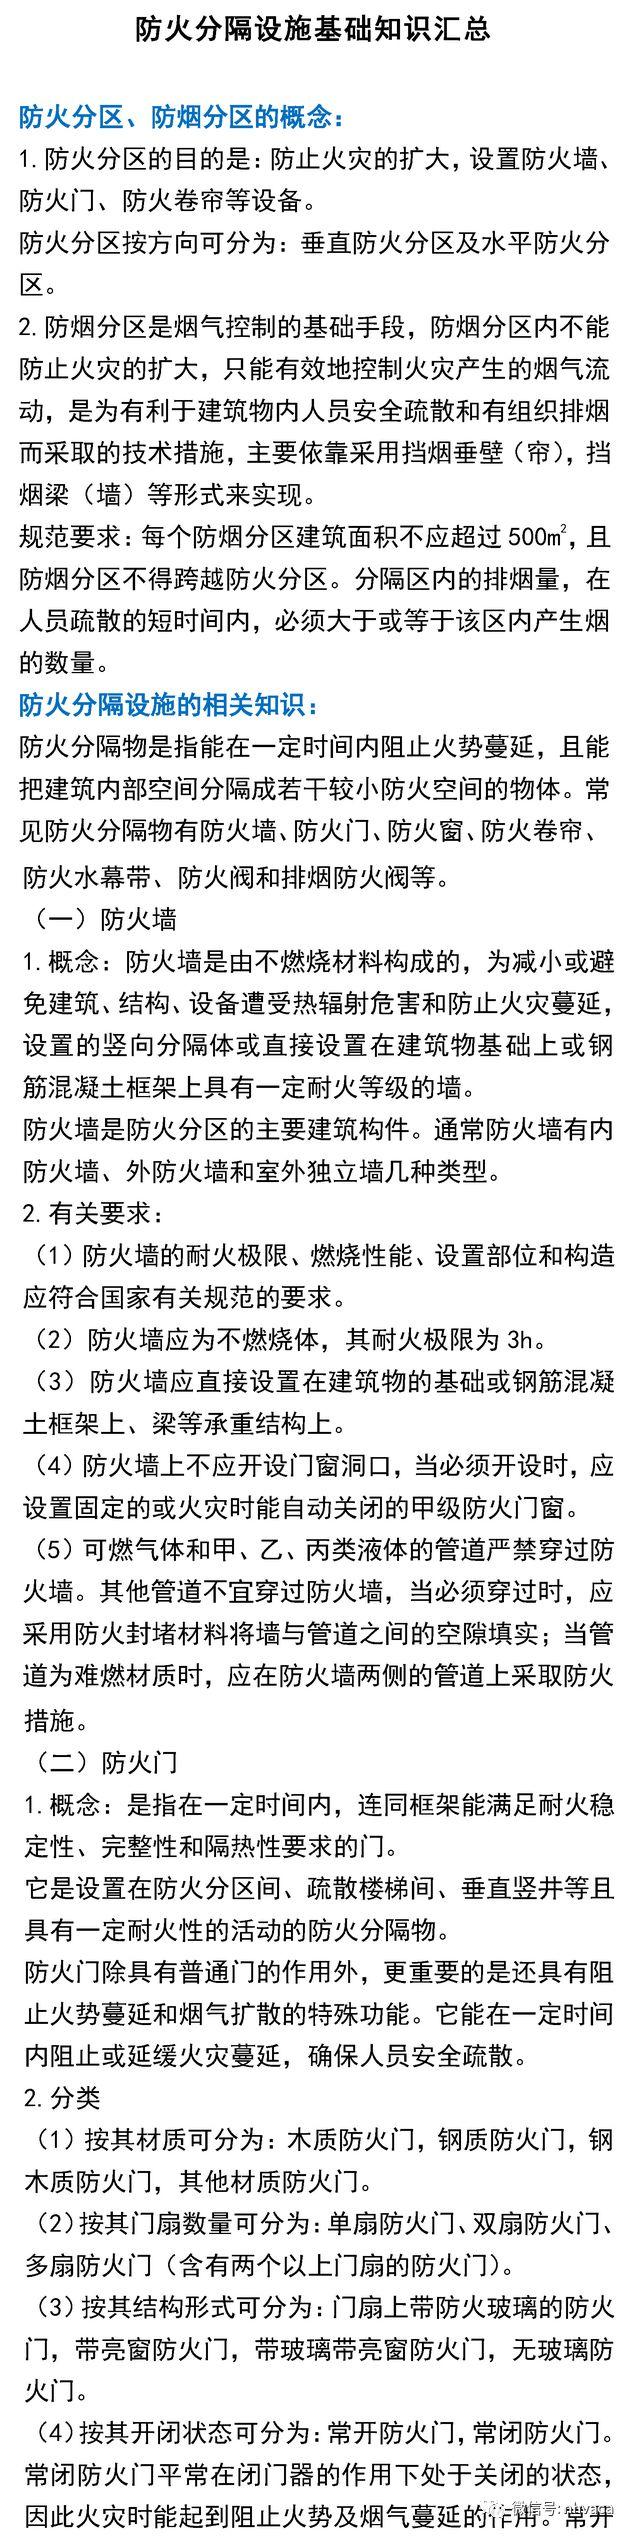 防火分隔设施基础知识汇总_2